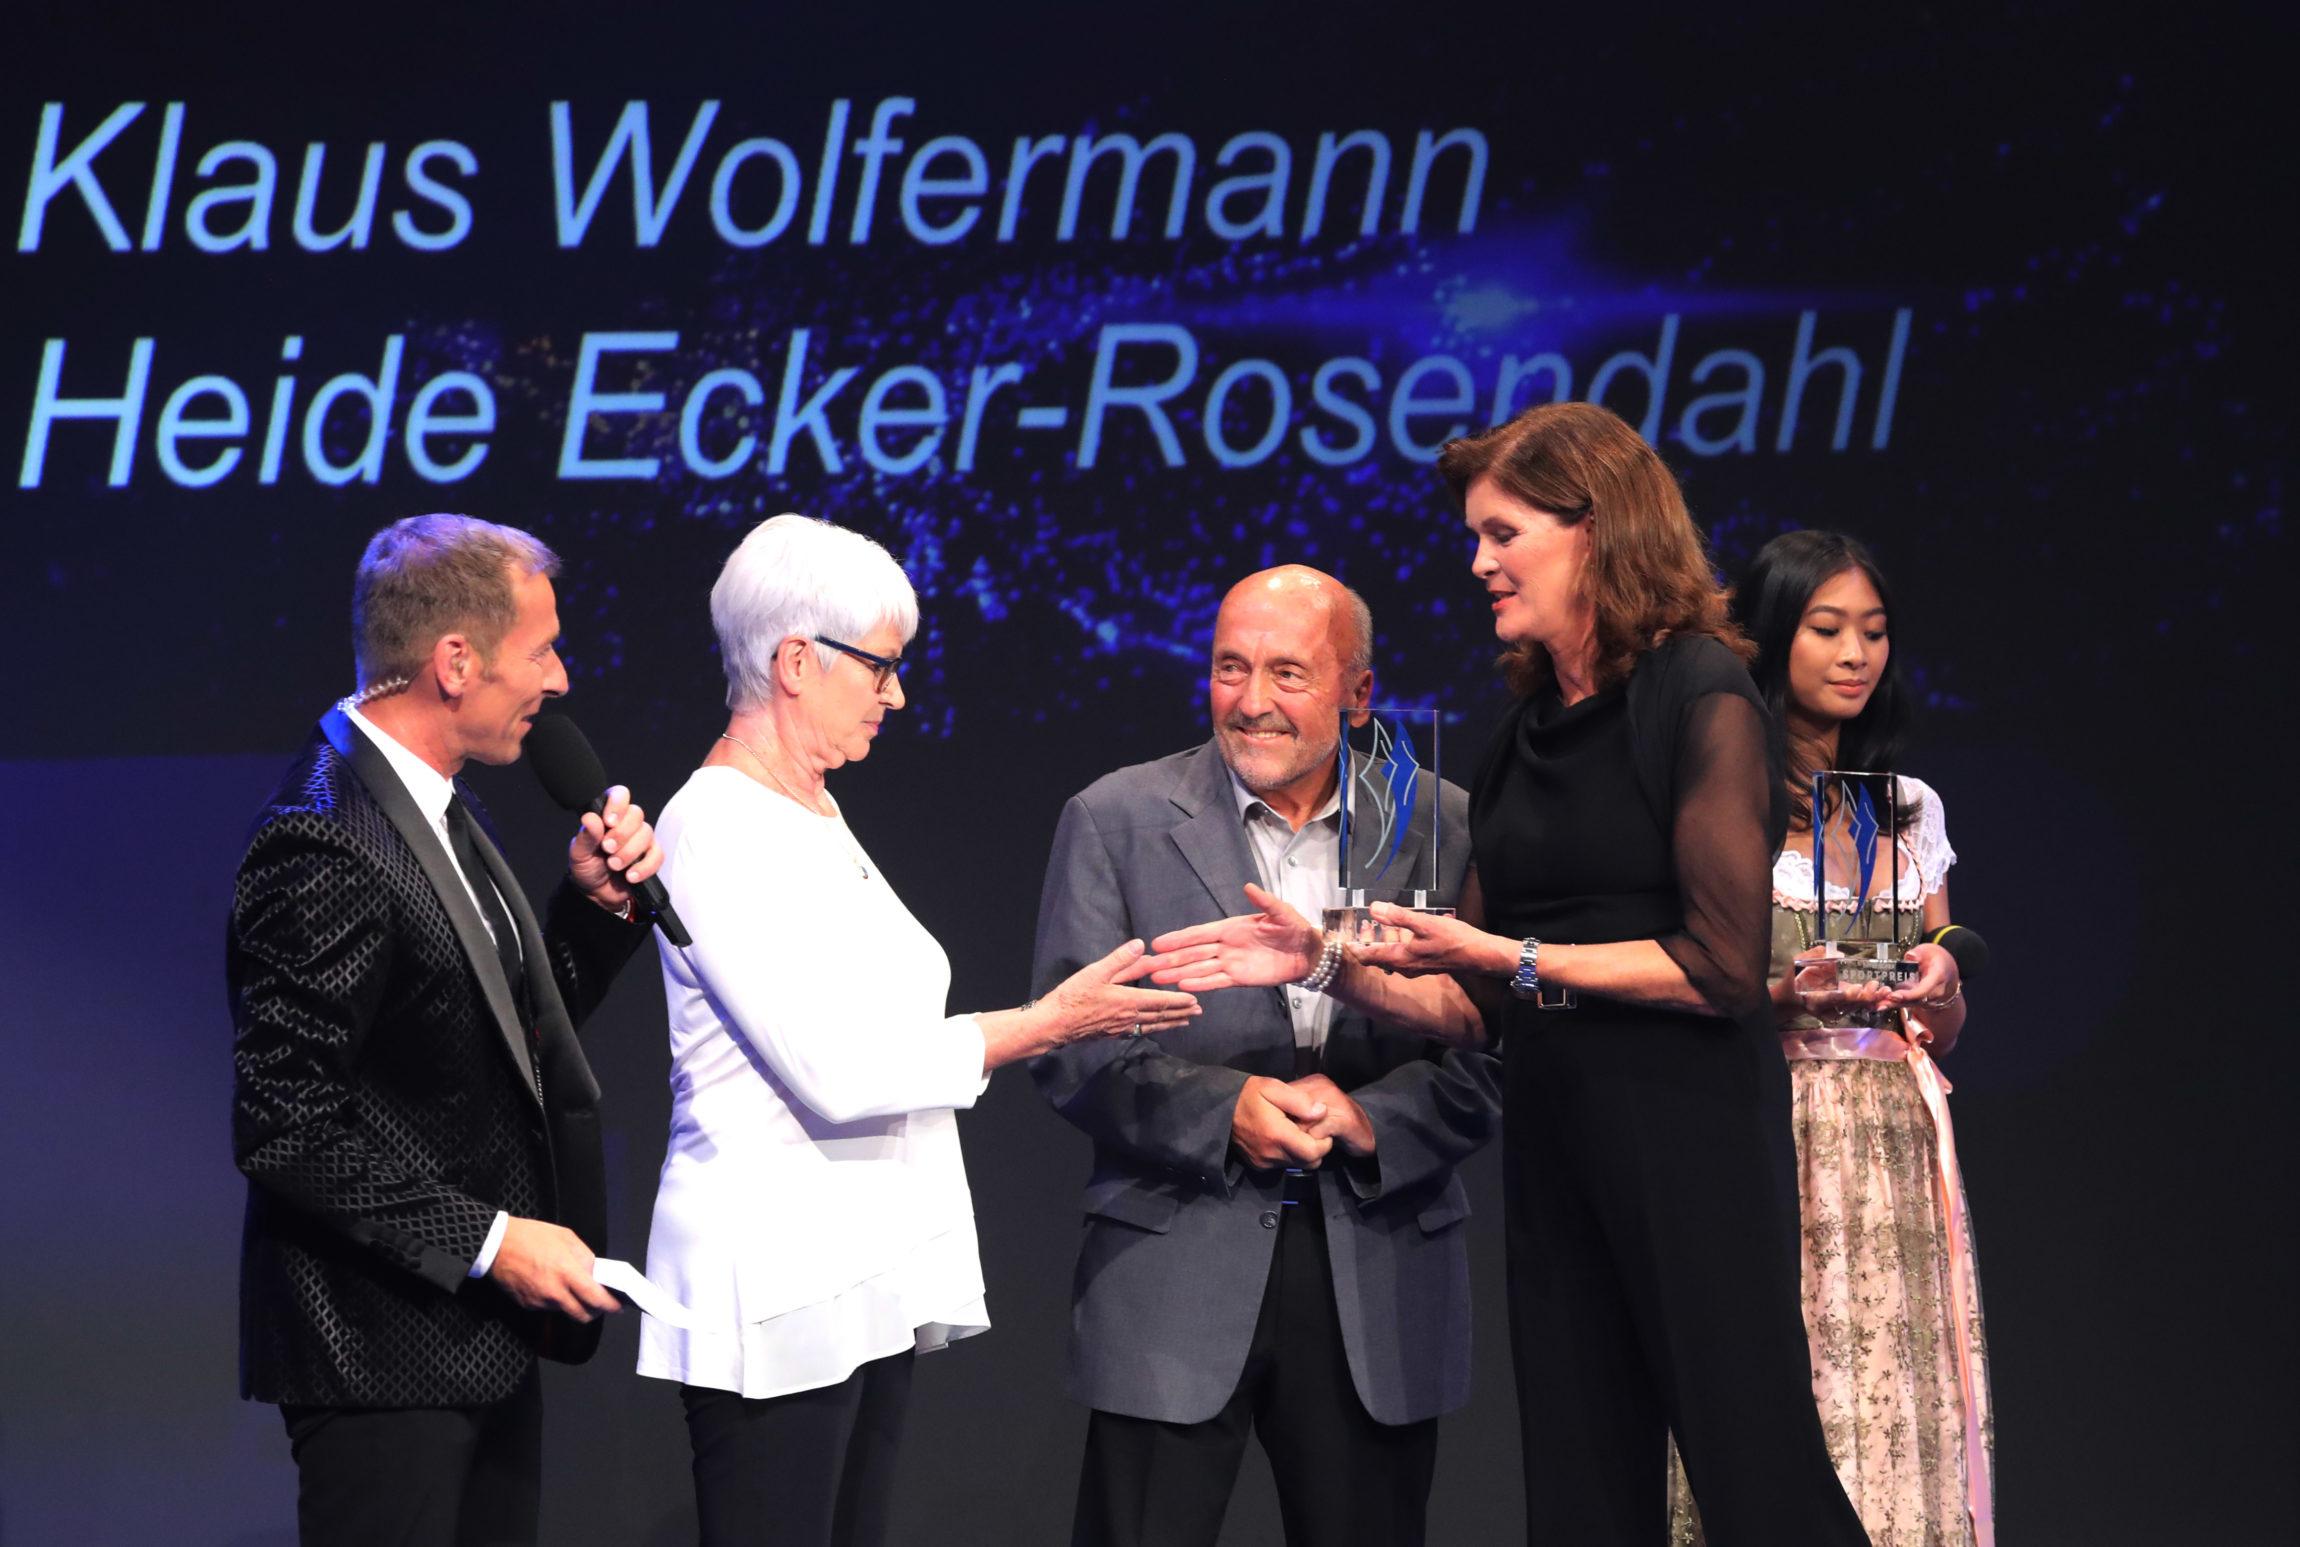 Othmer, Ecker-Rosendahl, Wolfermann, Nasse-Meyfarth